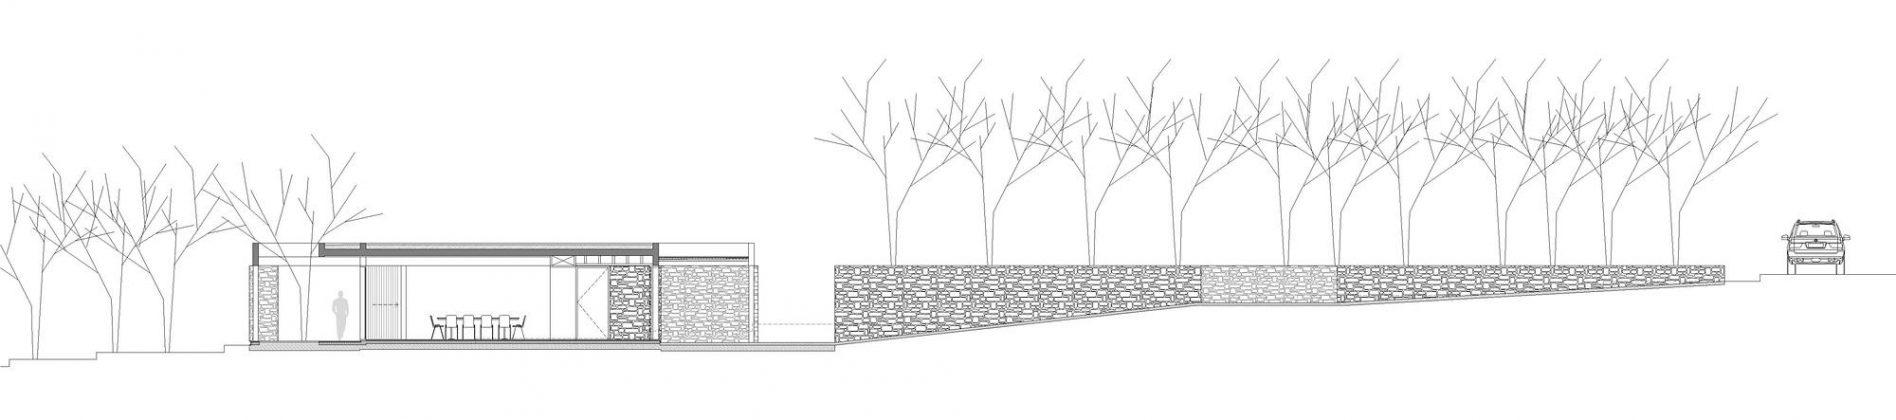 Экологичный и аутентичный проект дома от студии MWS arquitectura 54